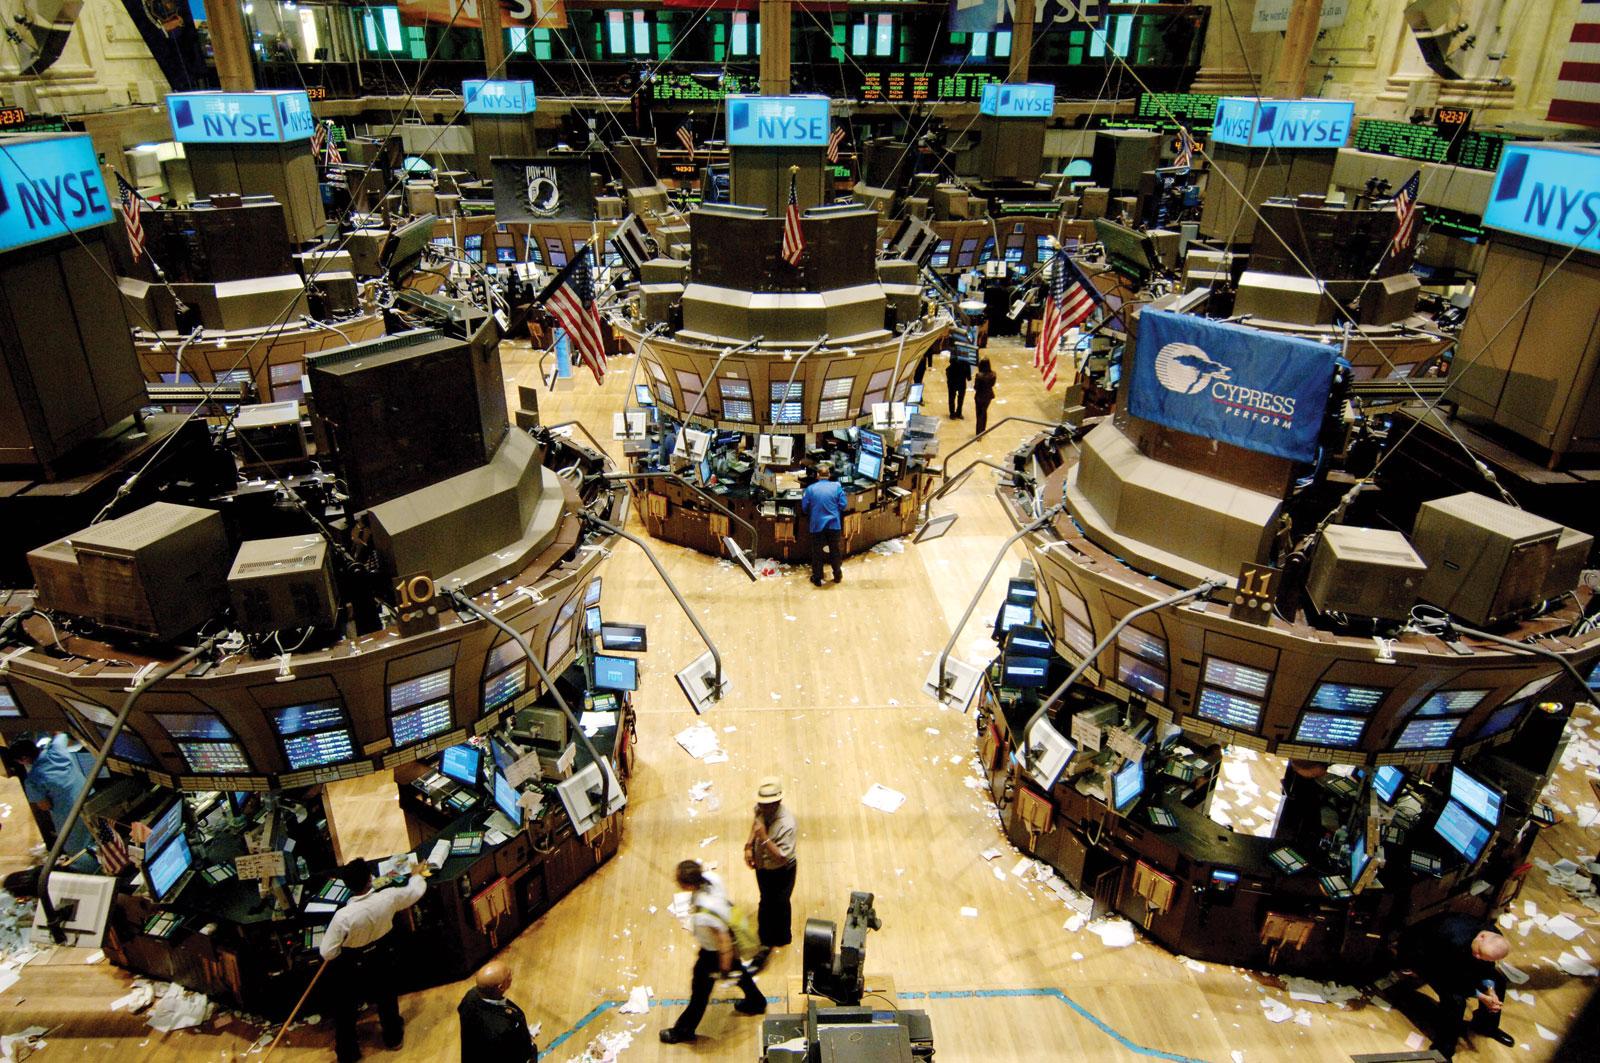 New-York-Stock-Exchange-Quotes.jpg